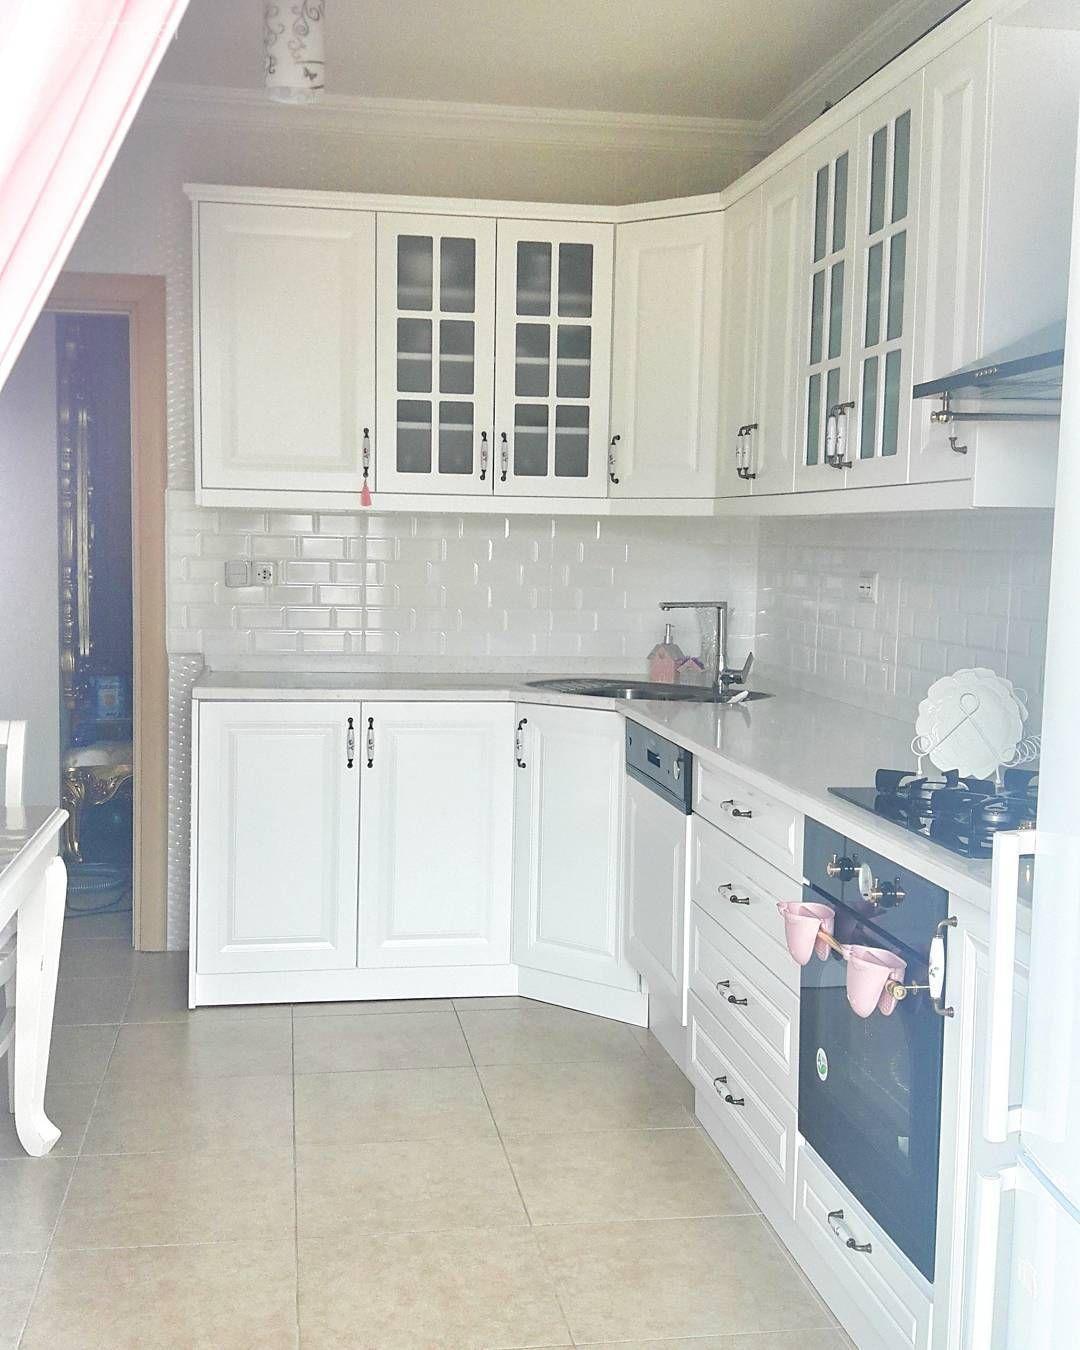 Siyah, beyaz geometrik çizgiler dekorun odağında.. Merve hanımın evi.. - 3 | Ev Gezmesi #interiordesignforkitchen